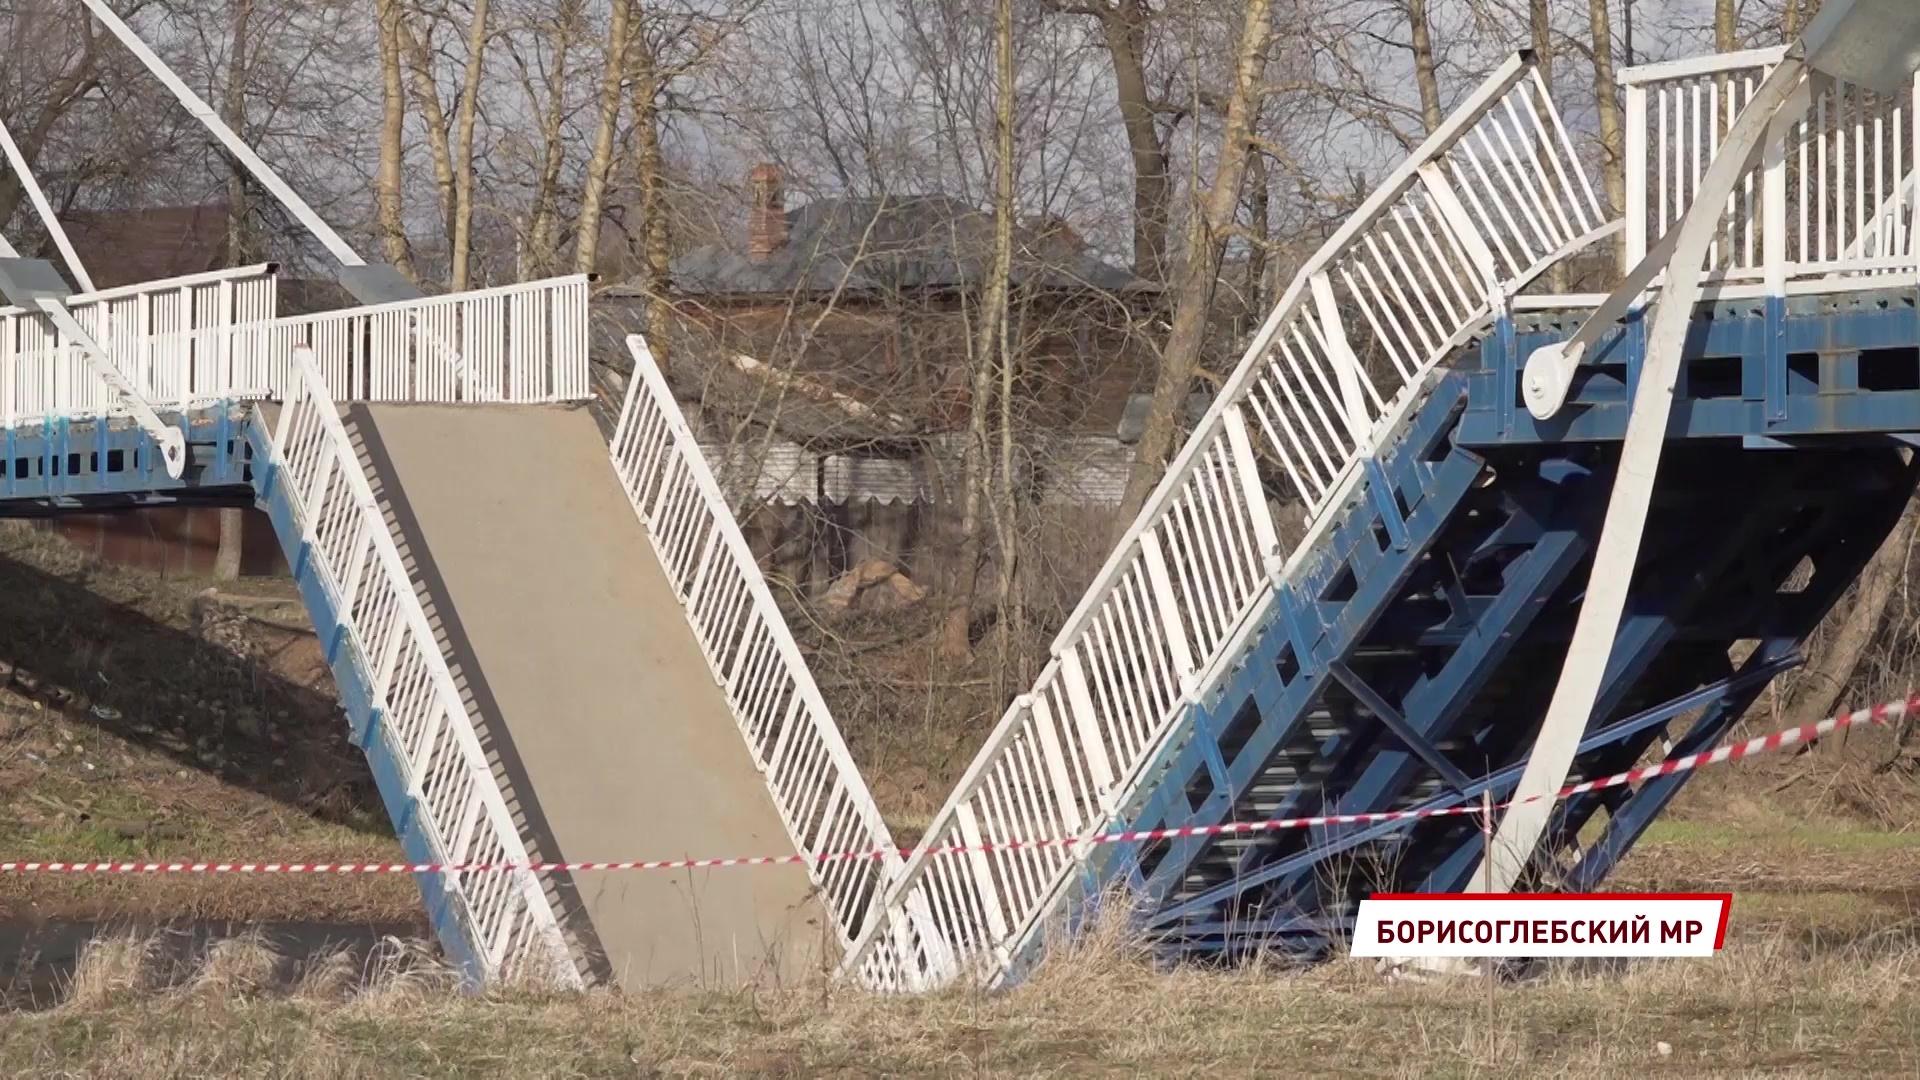 Виноват ветер: названы предварительные причины обрушения моста в Борисоглебском